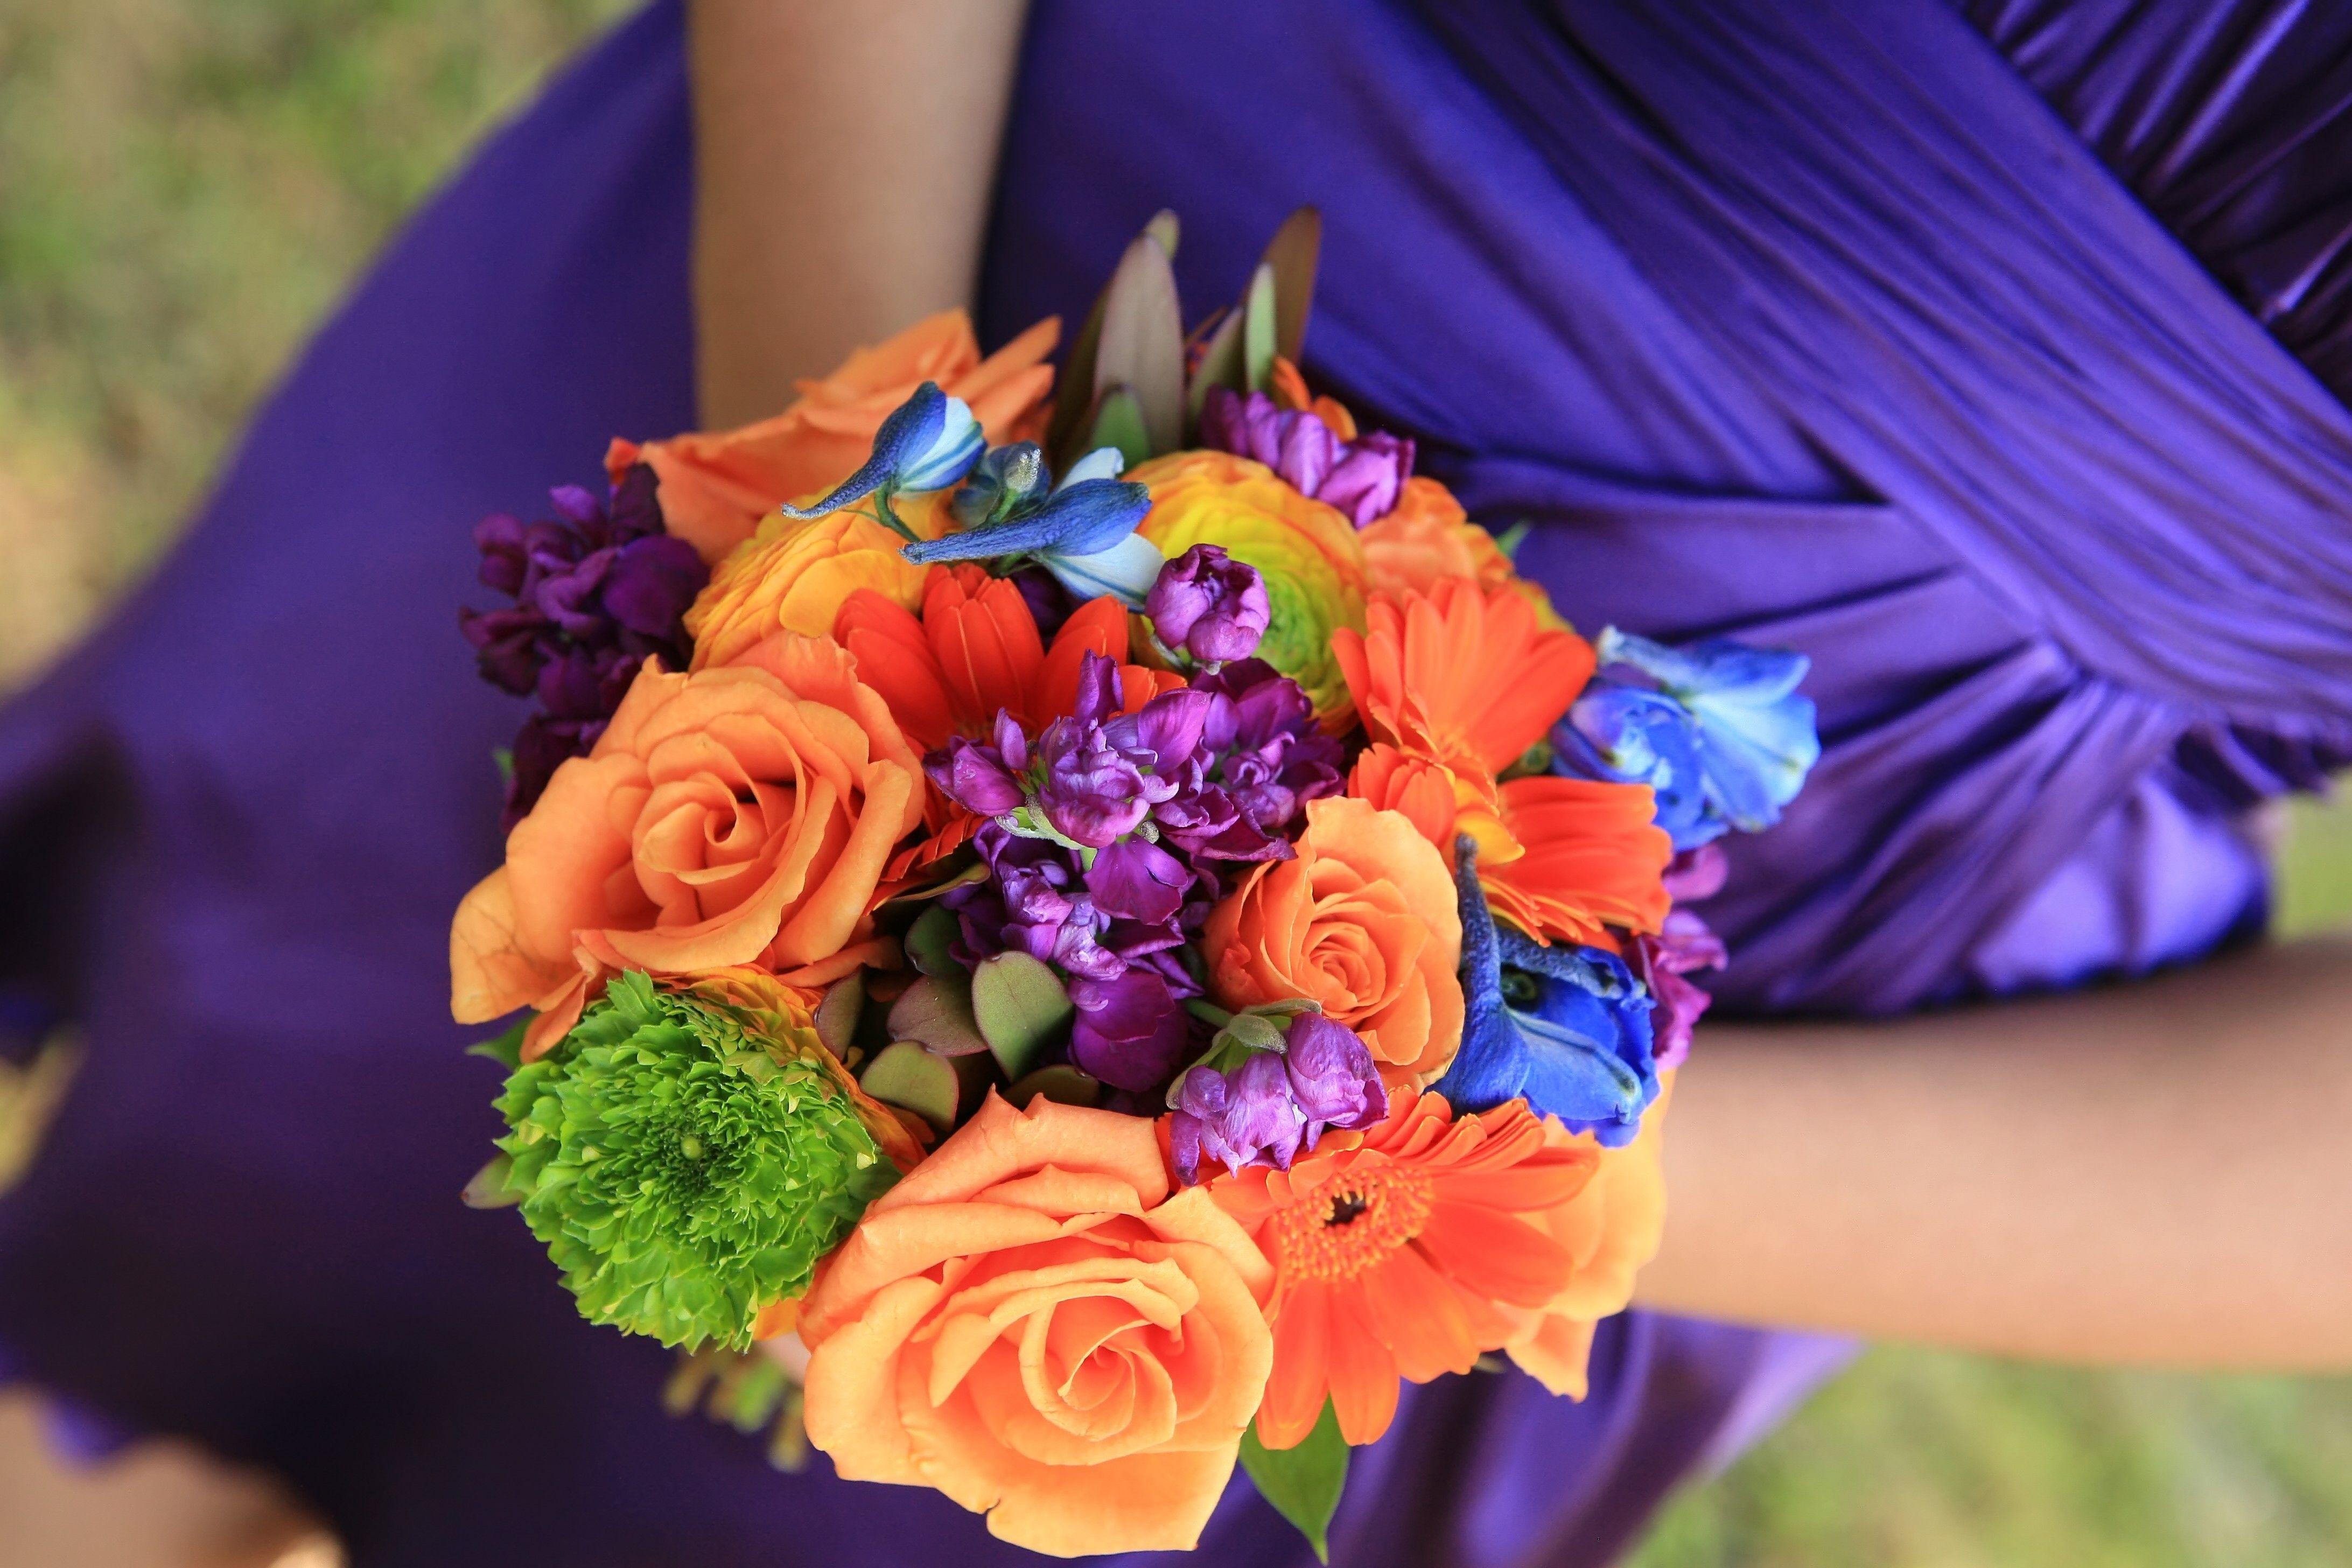 Flowers Decor Bridesmaids Dresses Fashion Orange Purple Blue Bride Bouquets Bridesmaid Bouquet Flo